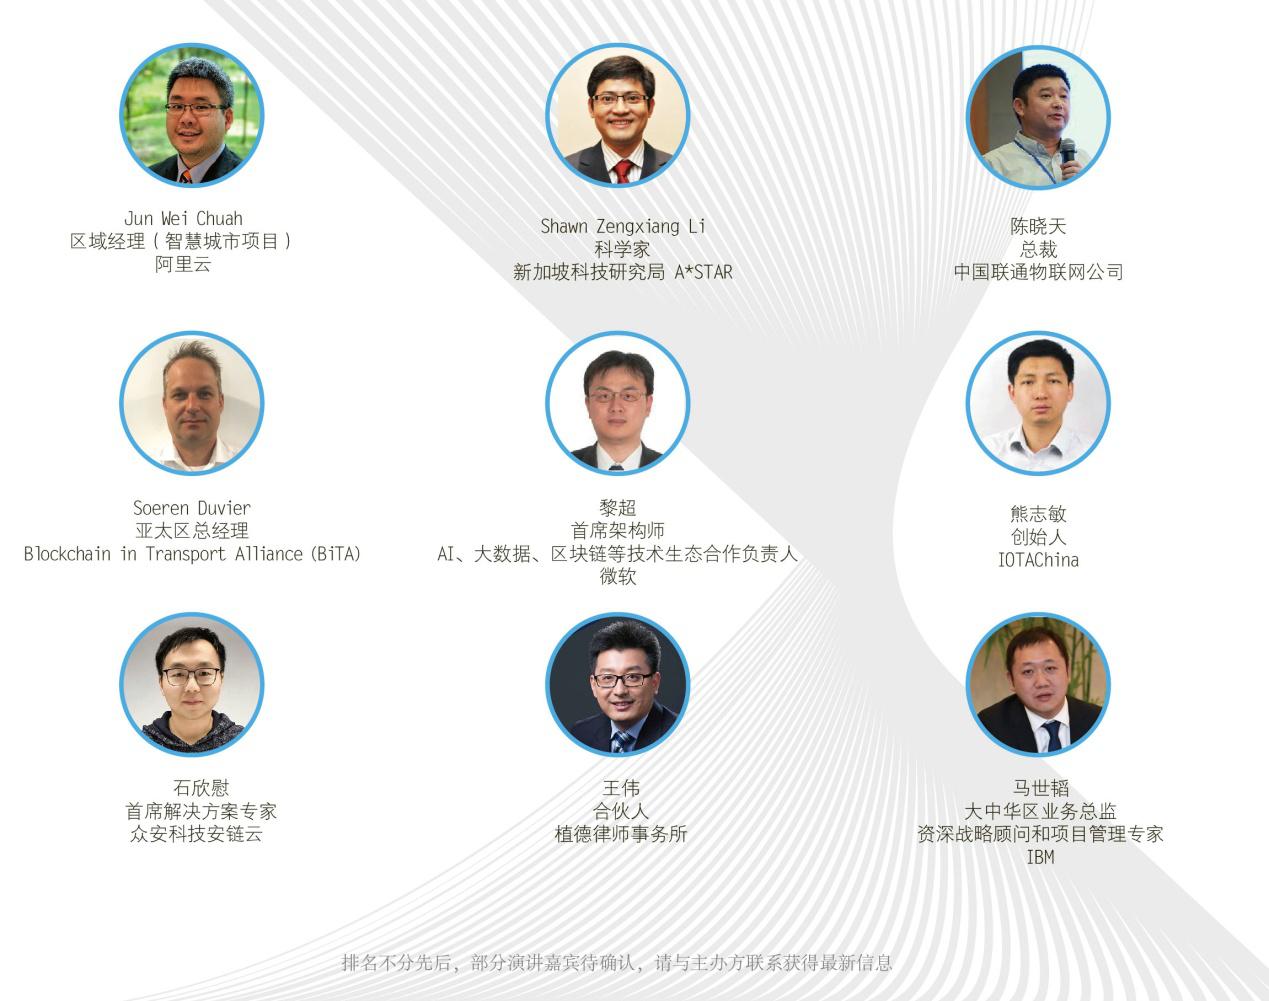 2019区块链+物联网峰会(上海)